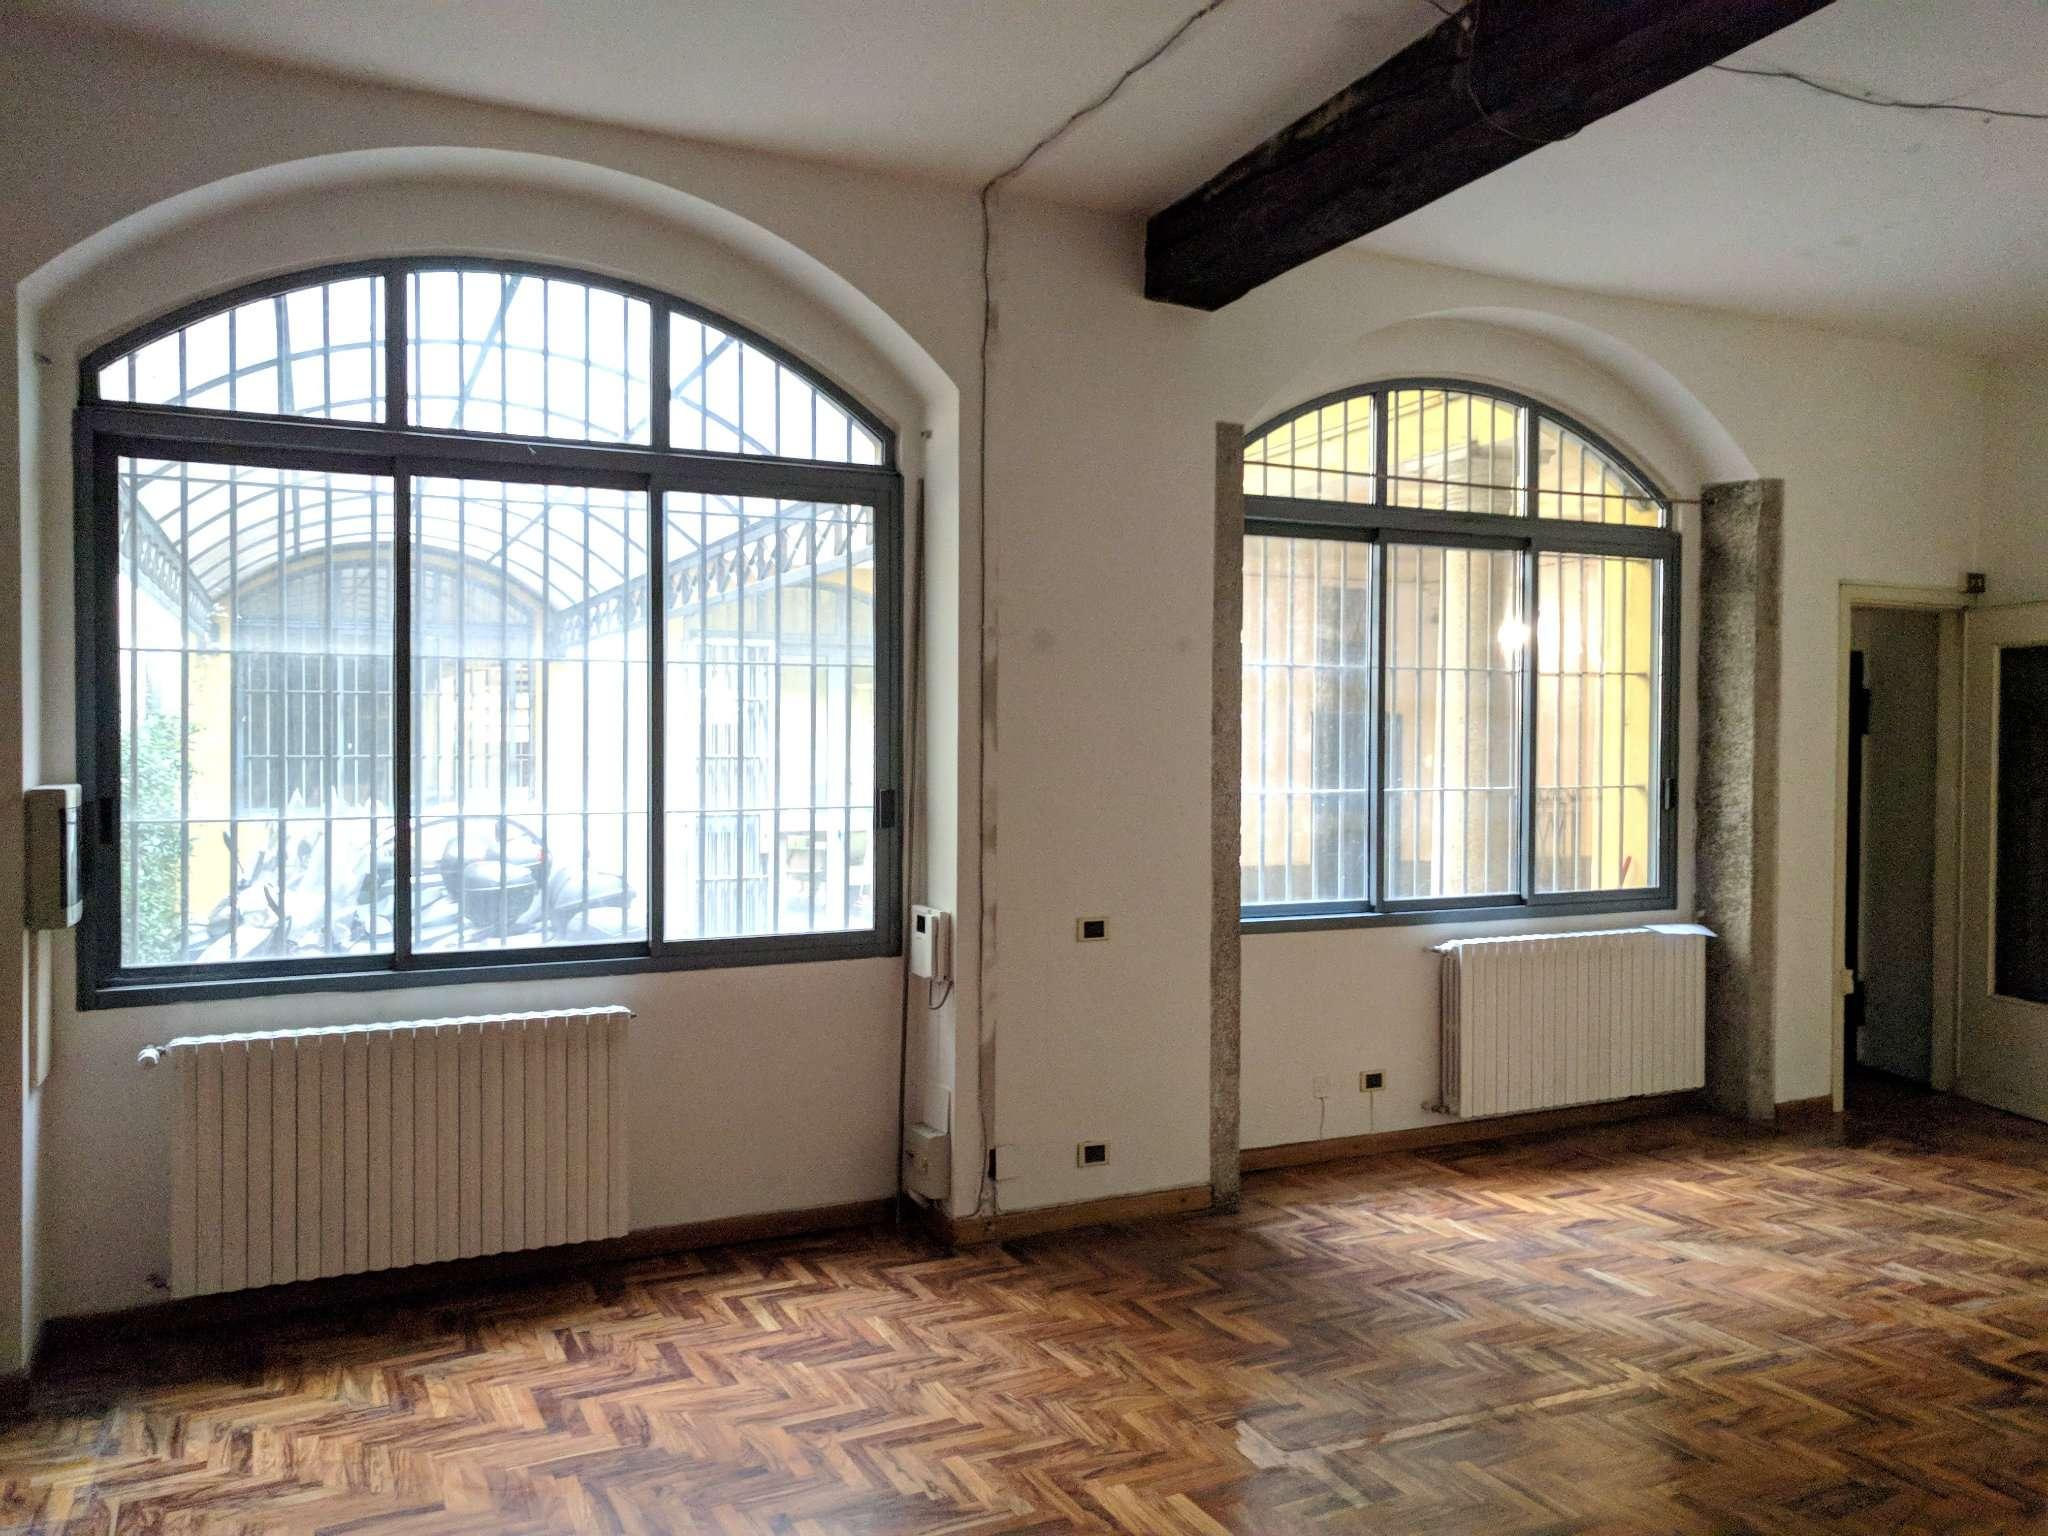 Ufficio studio in affitto a milano via san maurilio for Ufficio affitto